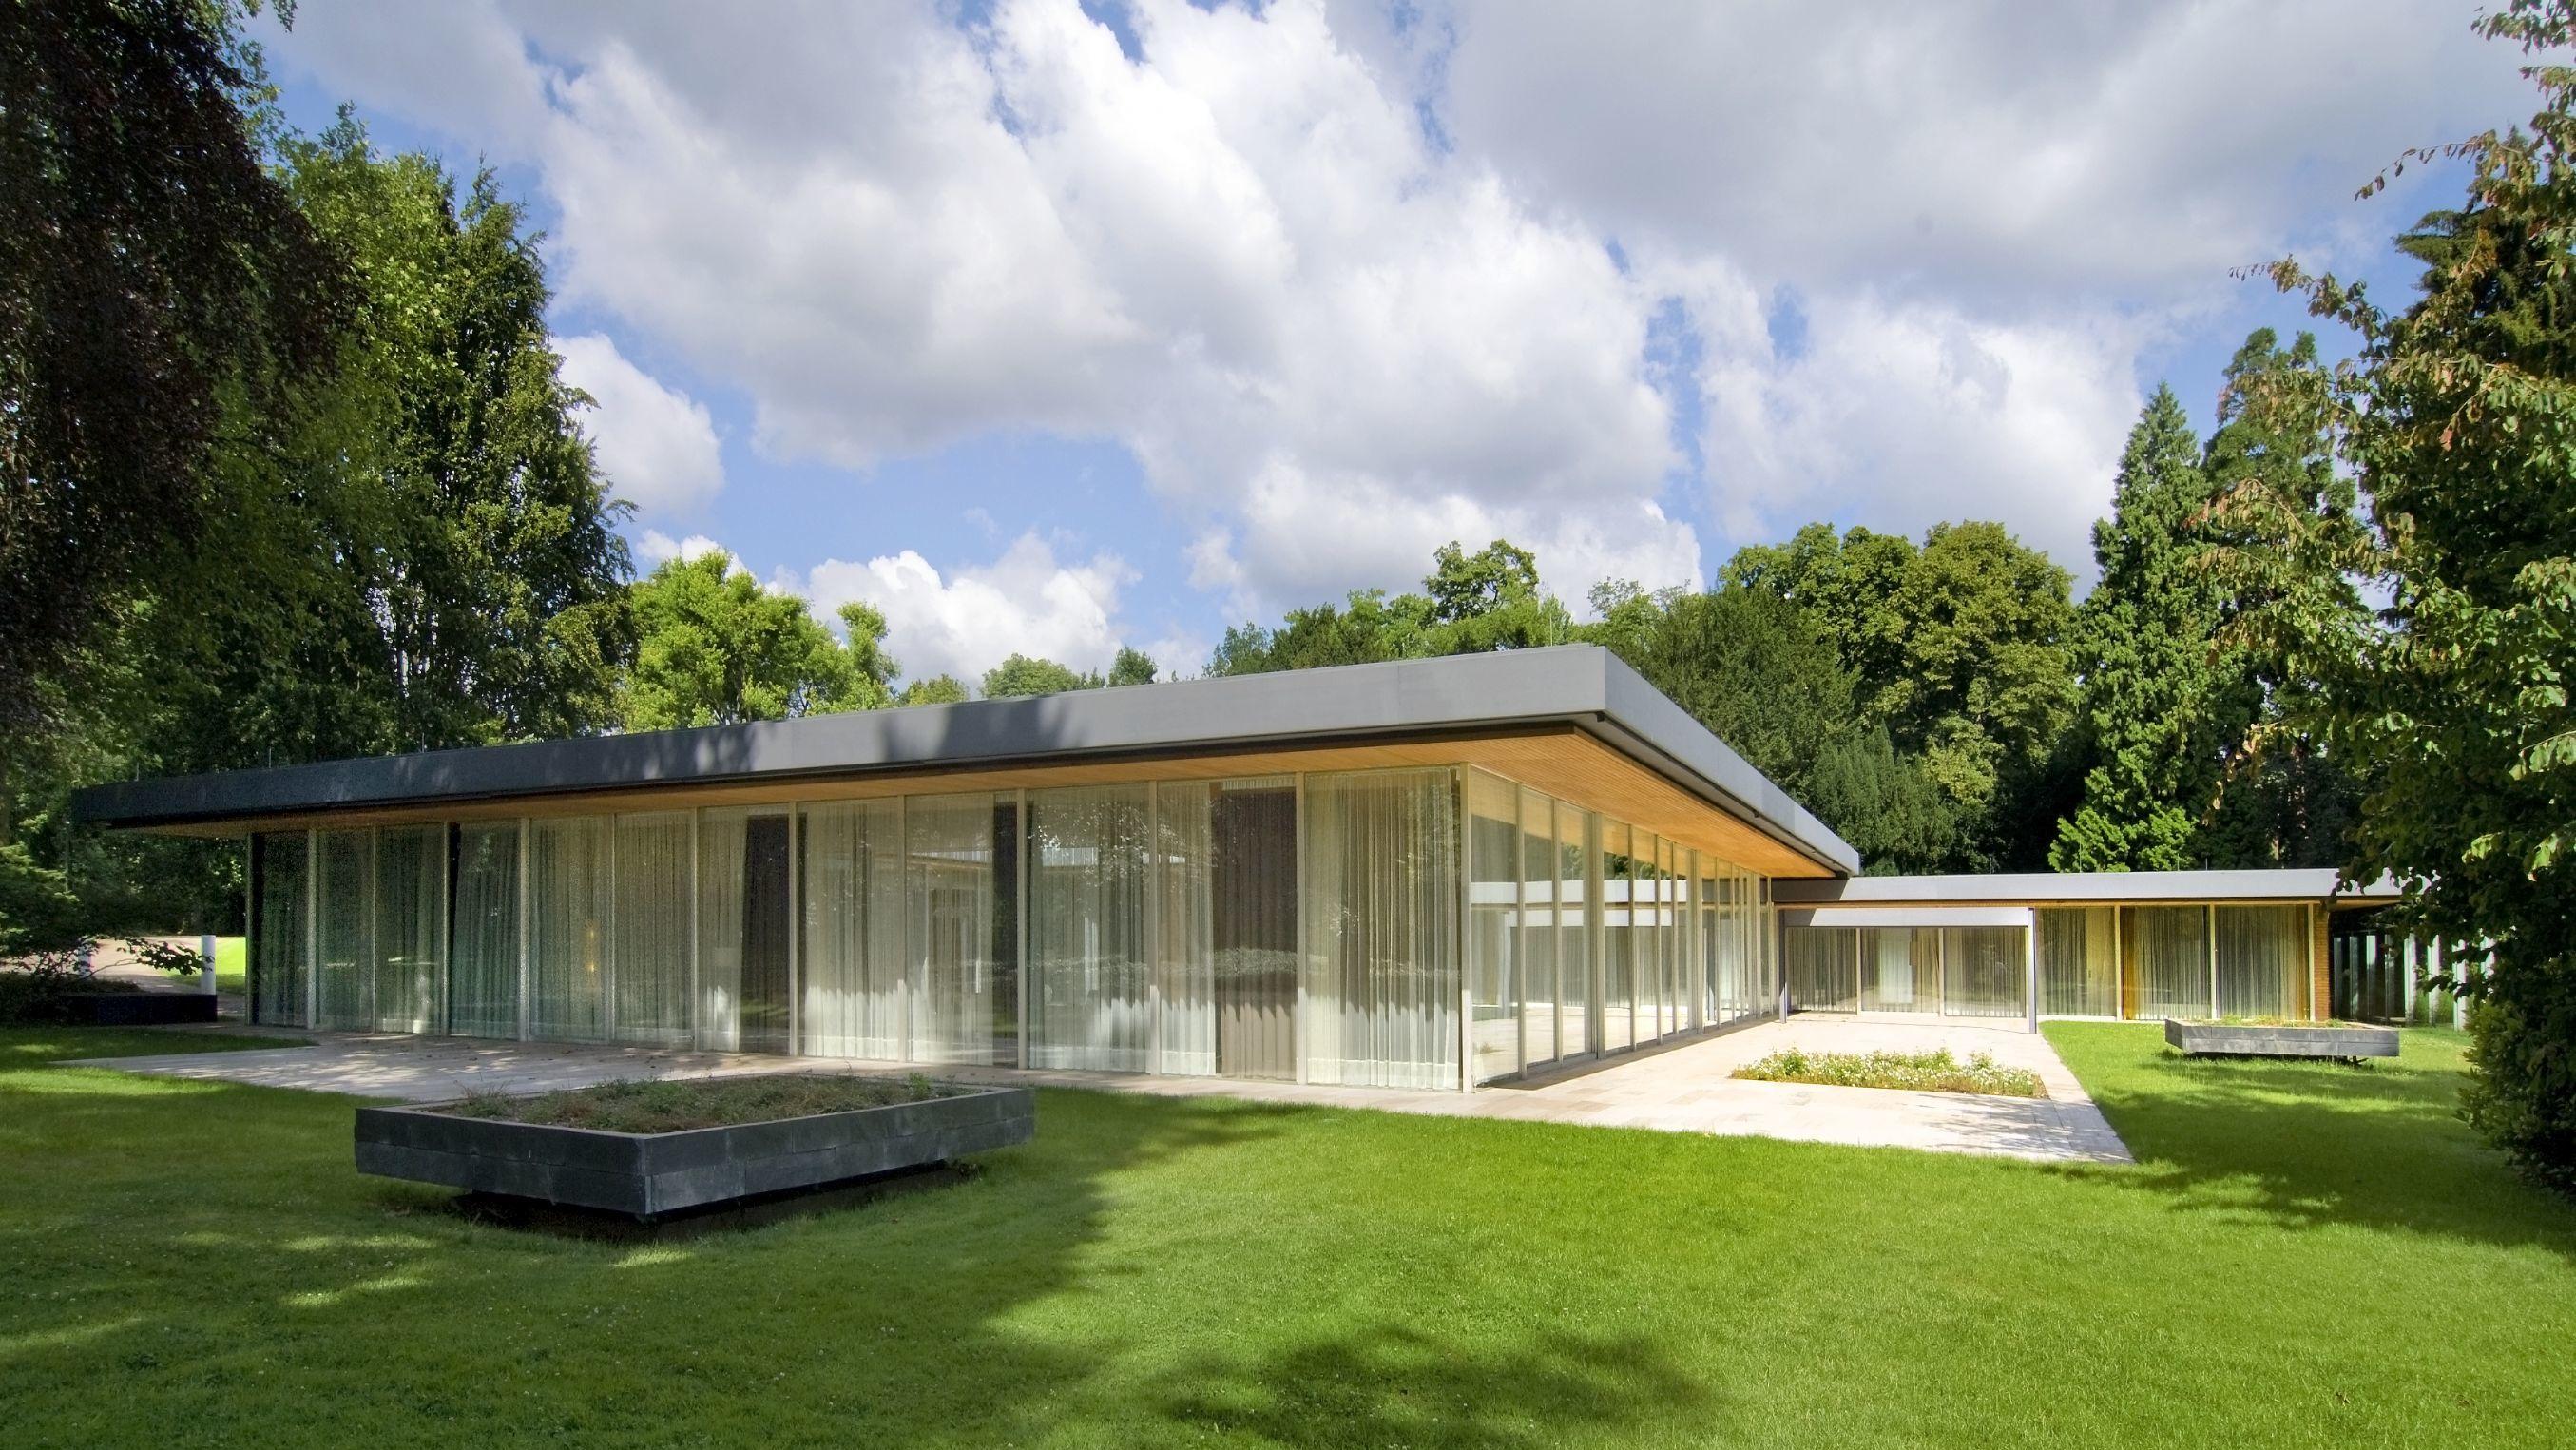 Frontale Gesamtansicht des Kanzlerbungalow in Bonn bei gutem Wetter, ohne Besucher